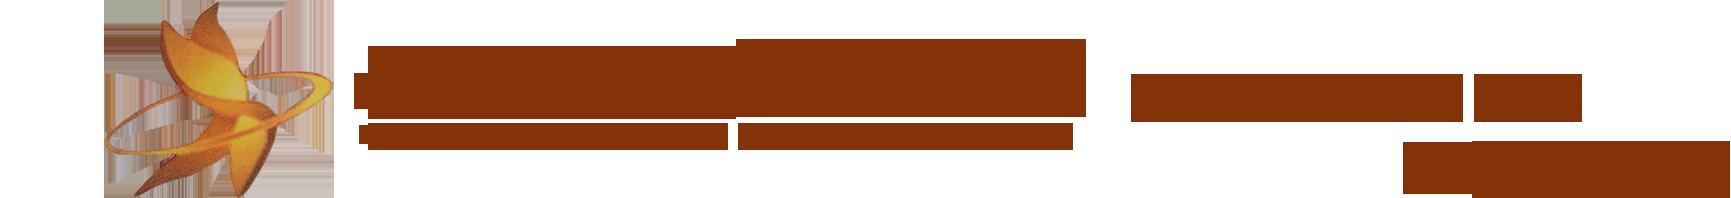 兰州ag网上真正的官方网址机电有限公司